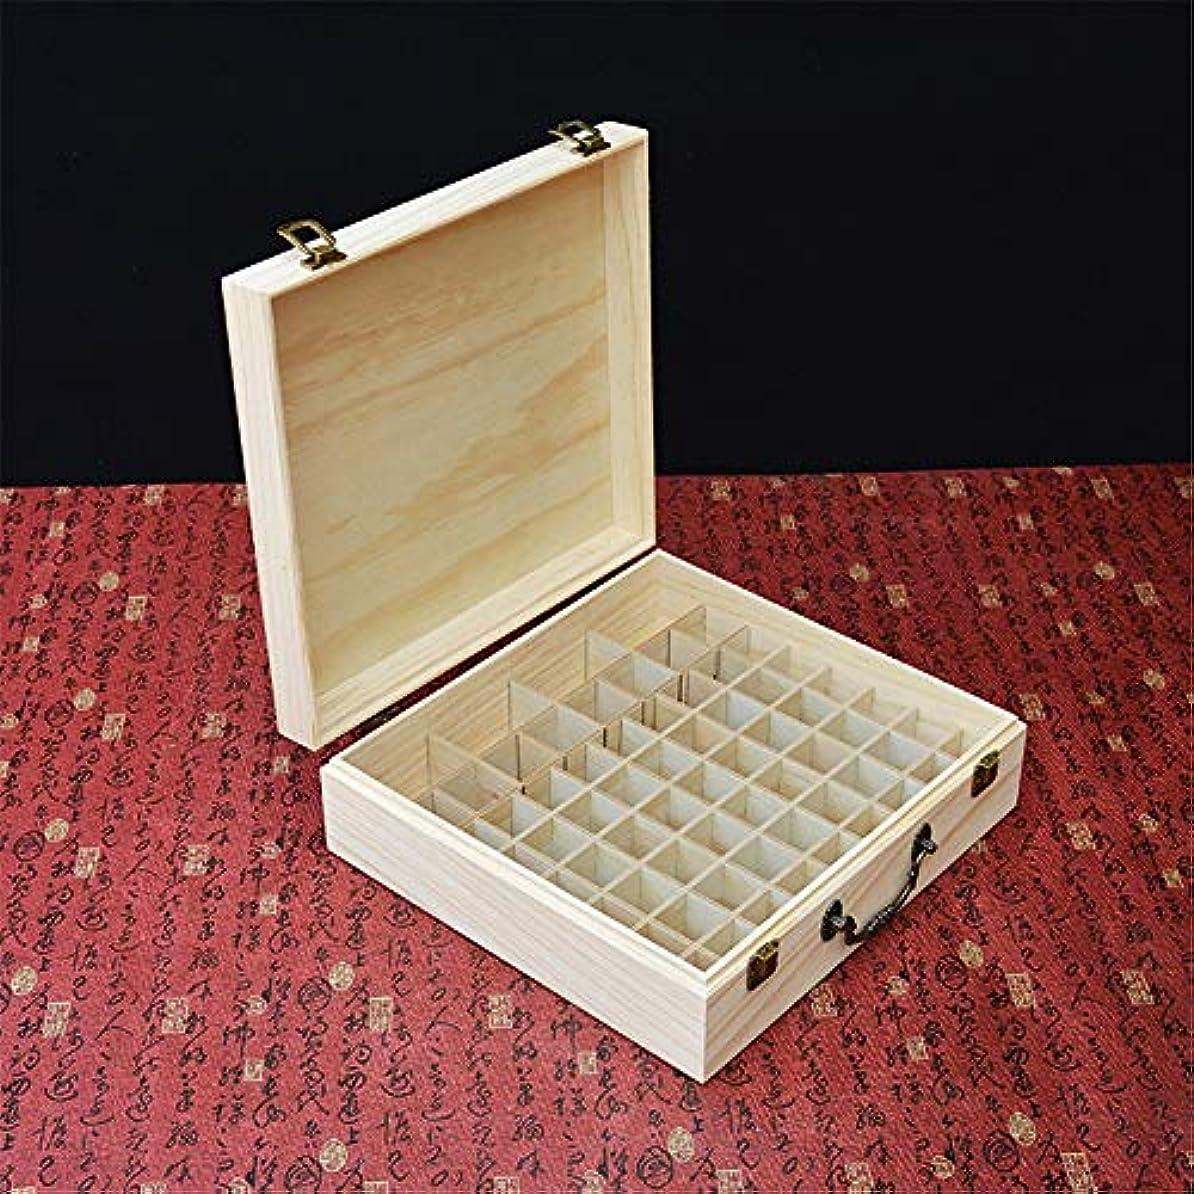 センチメンタル宿泊調和エッセンシャルオイルの保管 旅行やプレゼンテーションのために66スロット木製エッセンシャルオイルストレージボックスパーフェクト (色 : Natural, サイズ : 31.5X29X10CM)